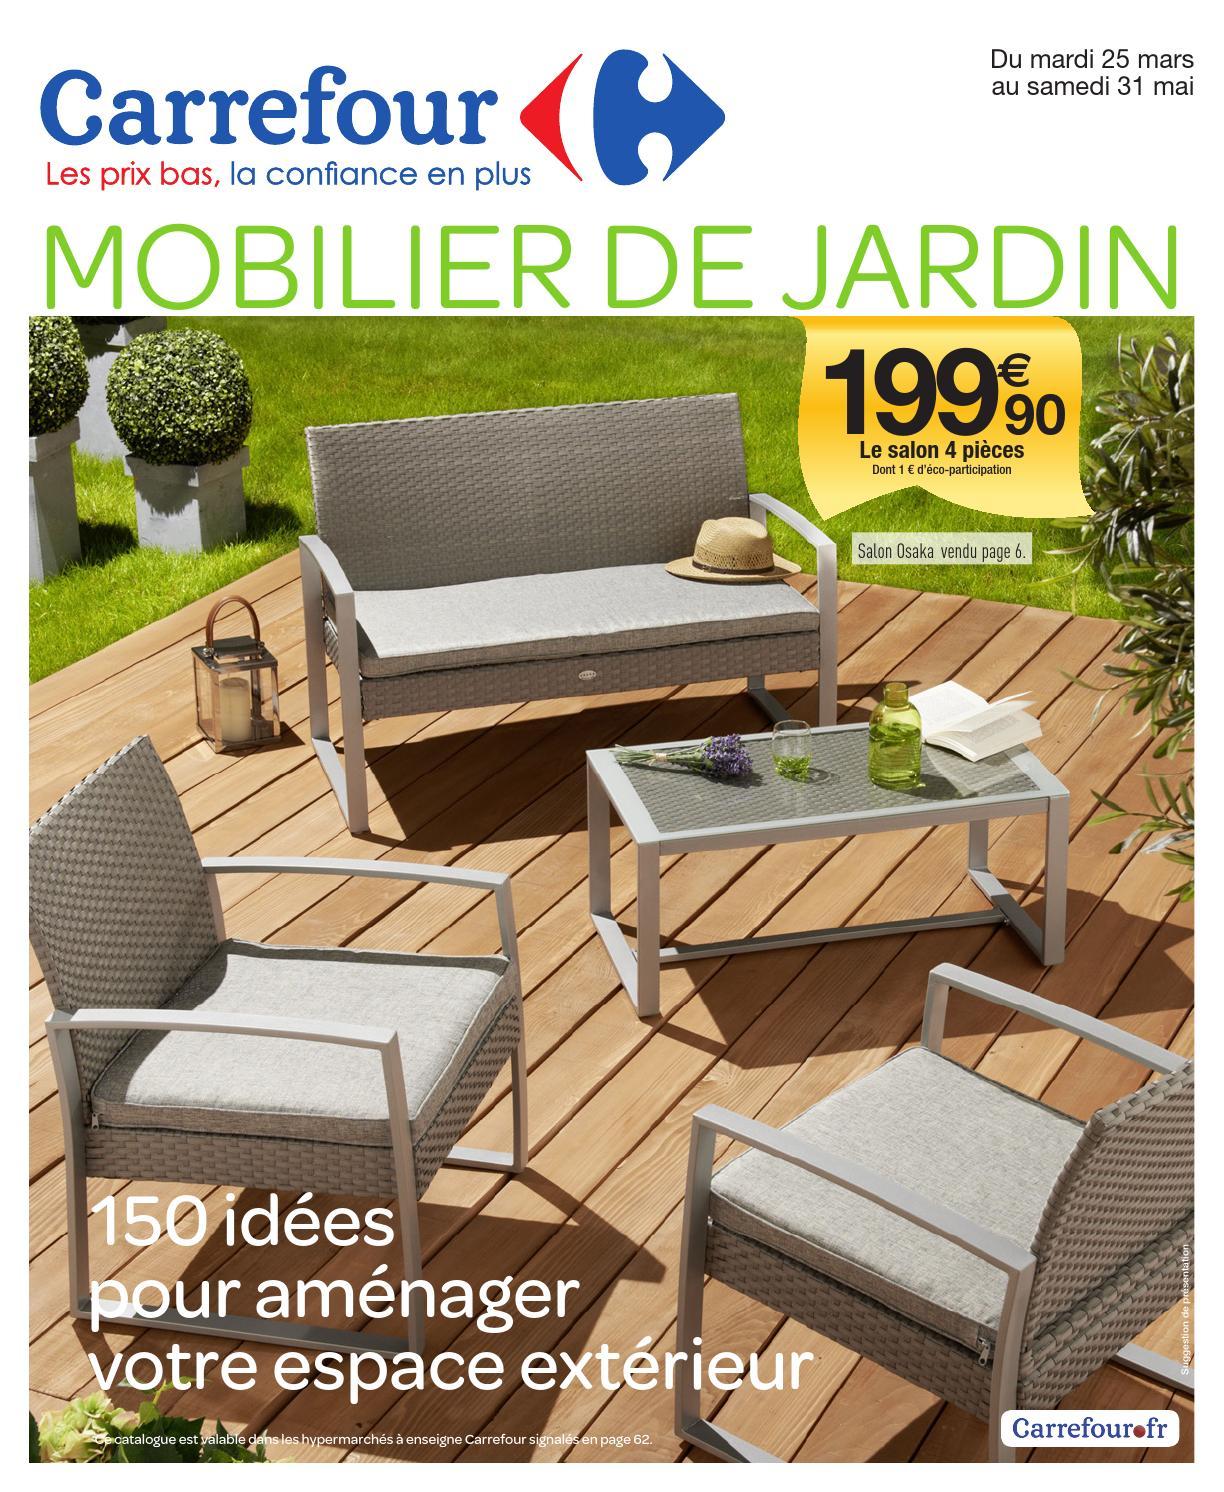 Catalogue Carrefour - 25.03-31.05.2014 By Joe Monroe - Issuu concernant Soldes Salon De Jardin Leclerc